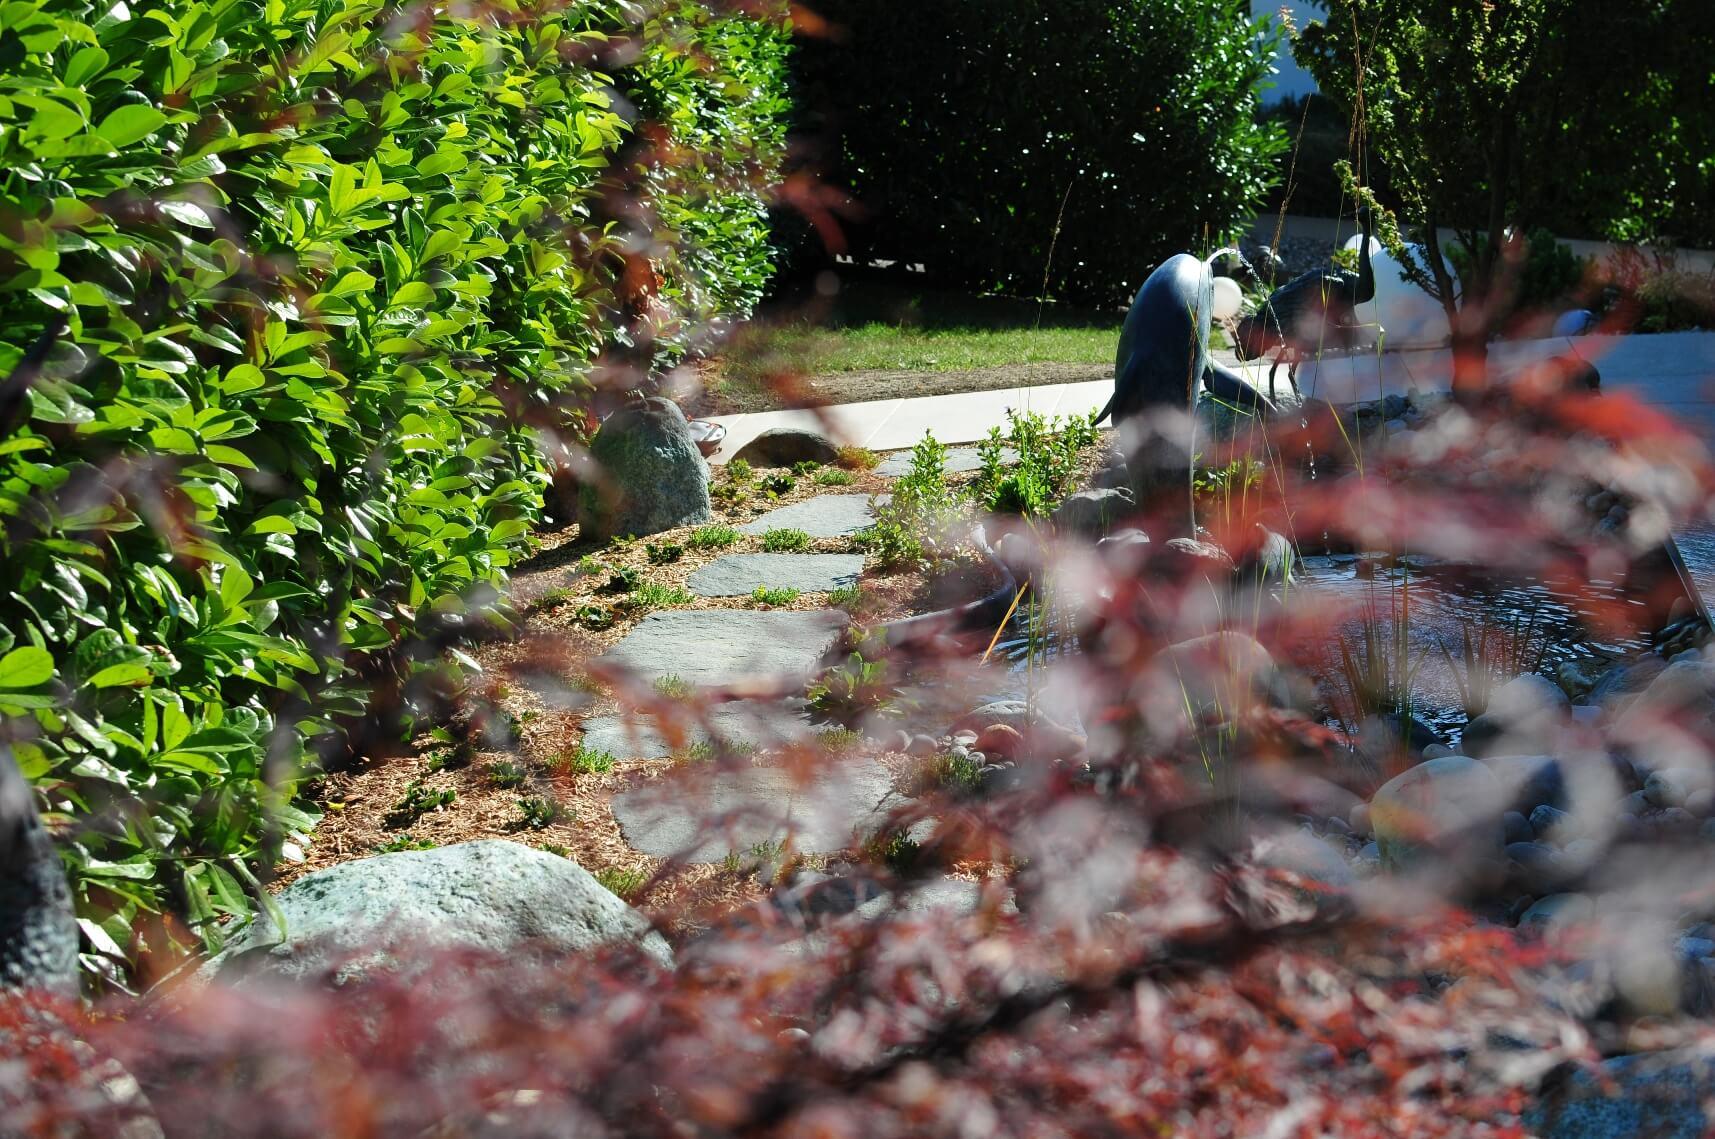 michael ellig étang bassin eau cours riviere paysagiste statues aellig paysages (4)